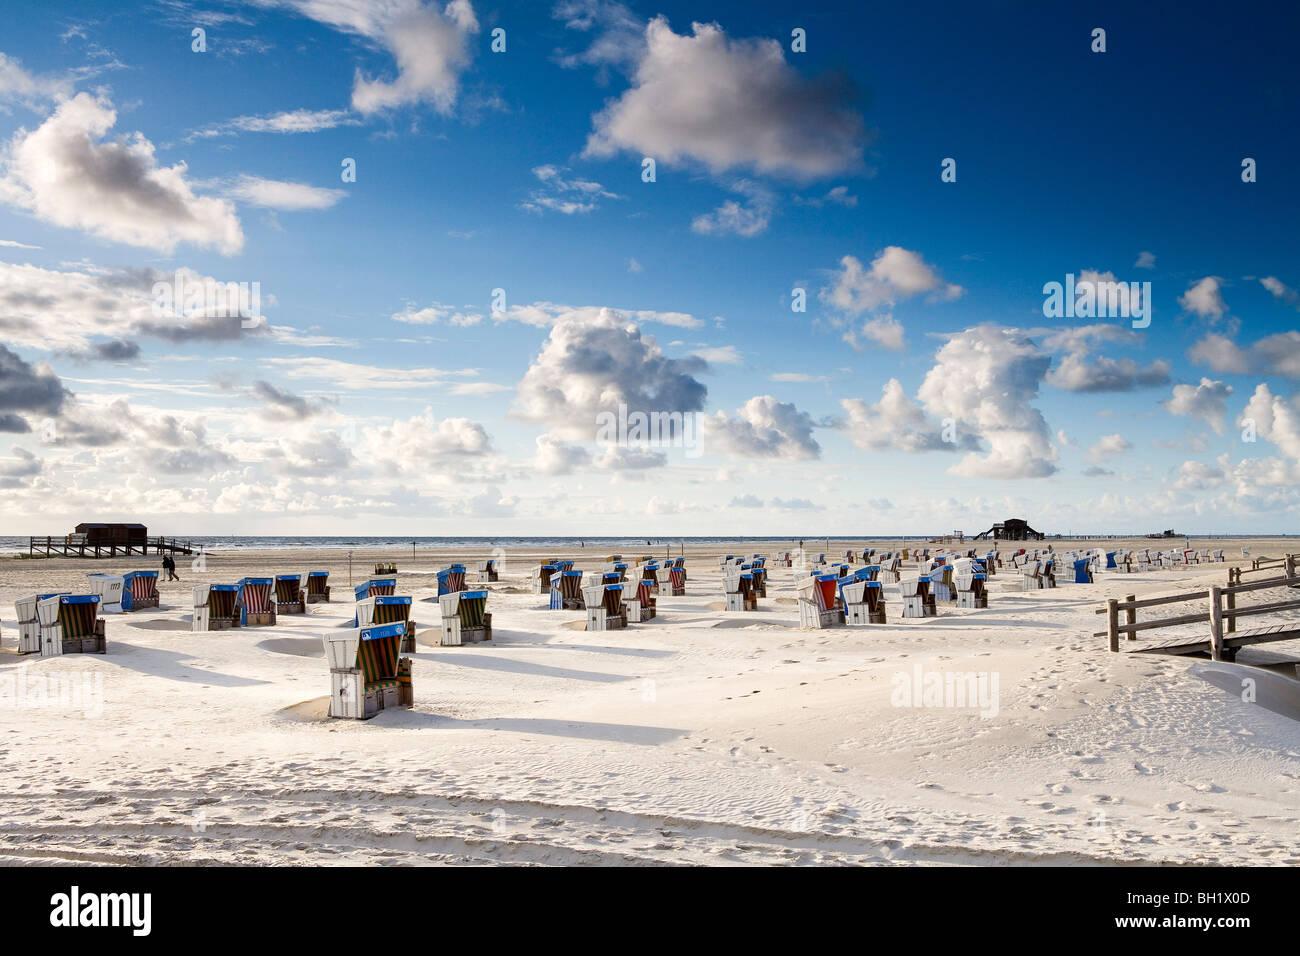 Sillas de playa en la playa, San Pedro Ording, Península Eiderstedt, Schleswig Holstein, Alemania, Europa Imagen De Stock